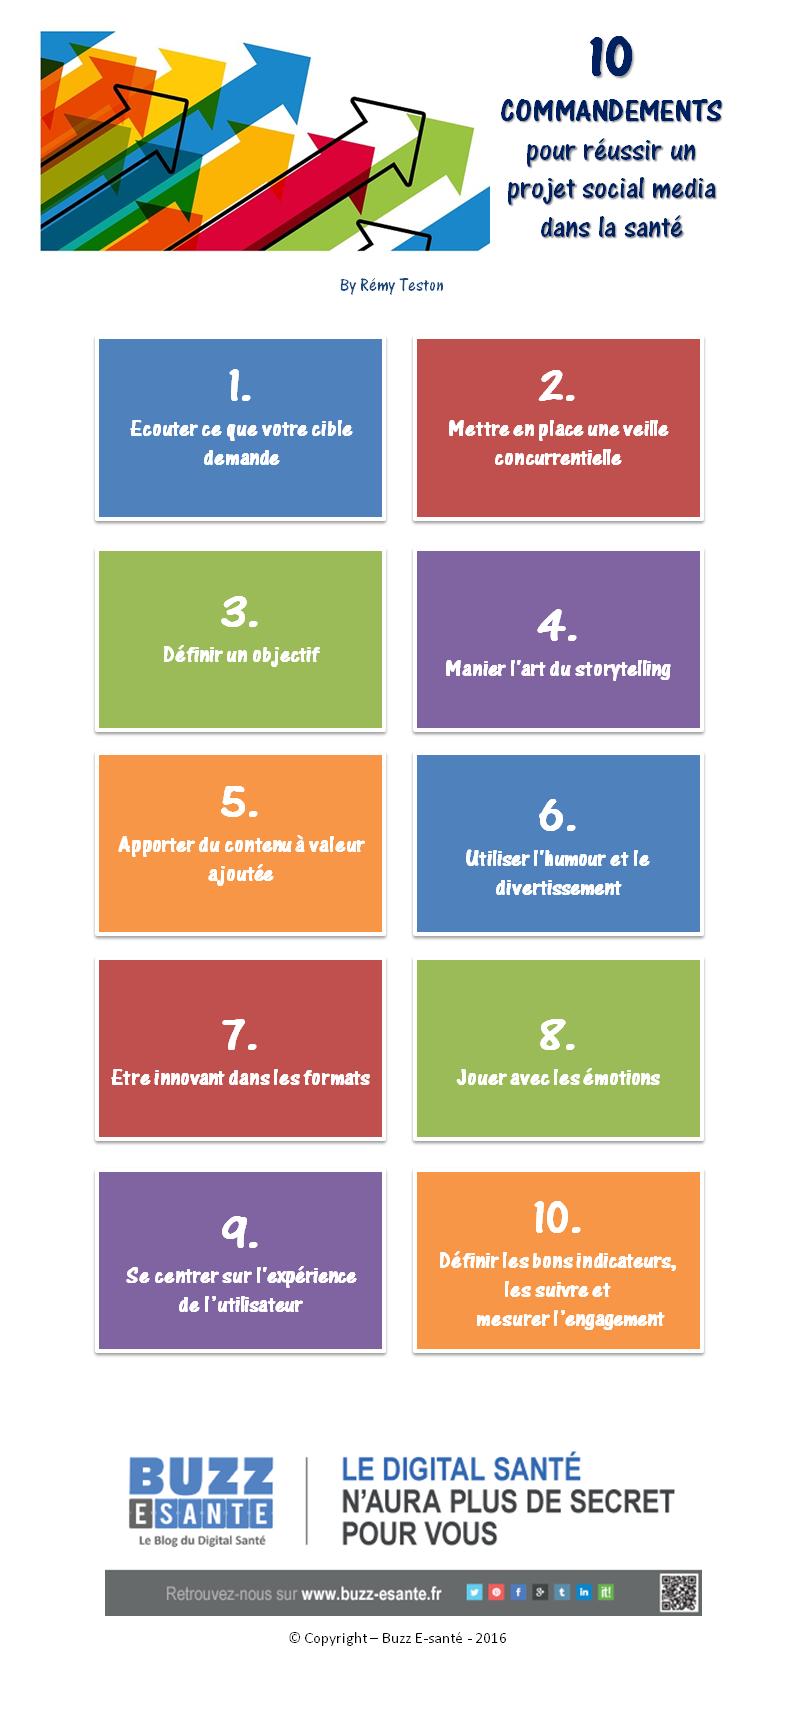 10 COMMANDEMENTS pour réussir un projet social media dans la santé